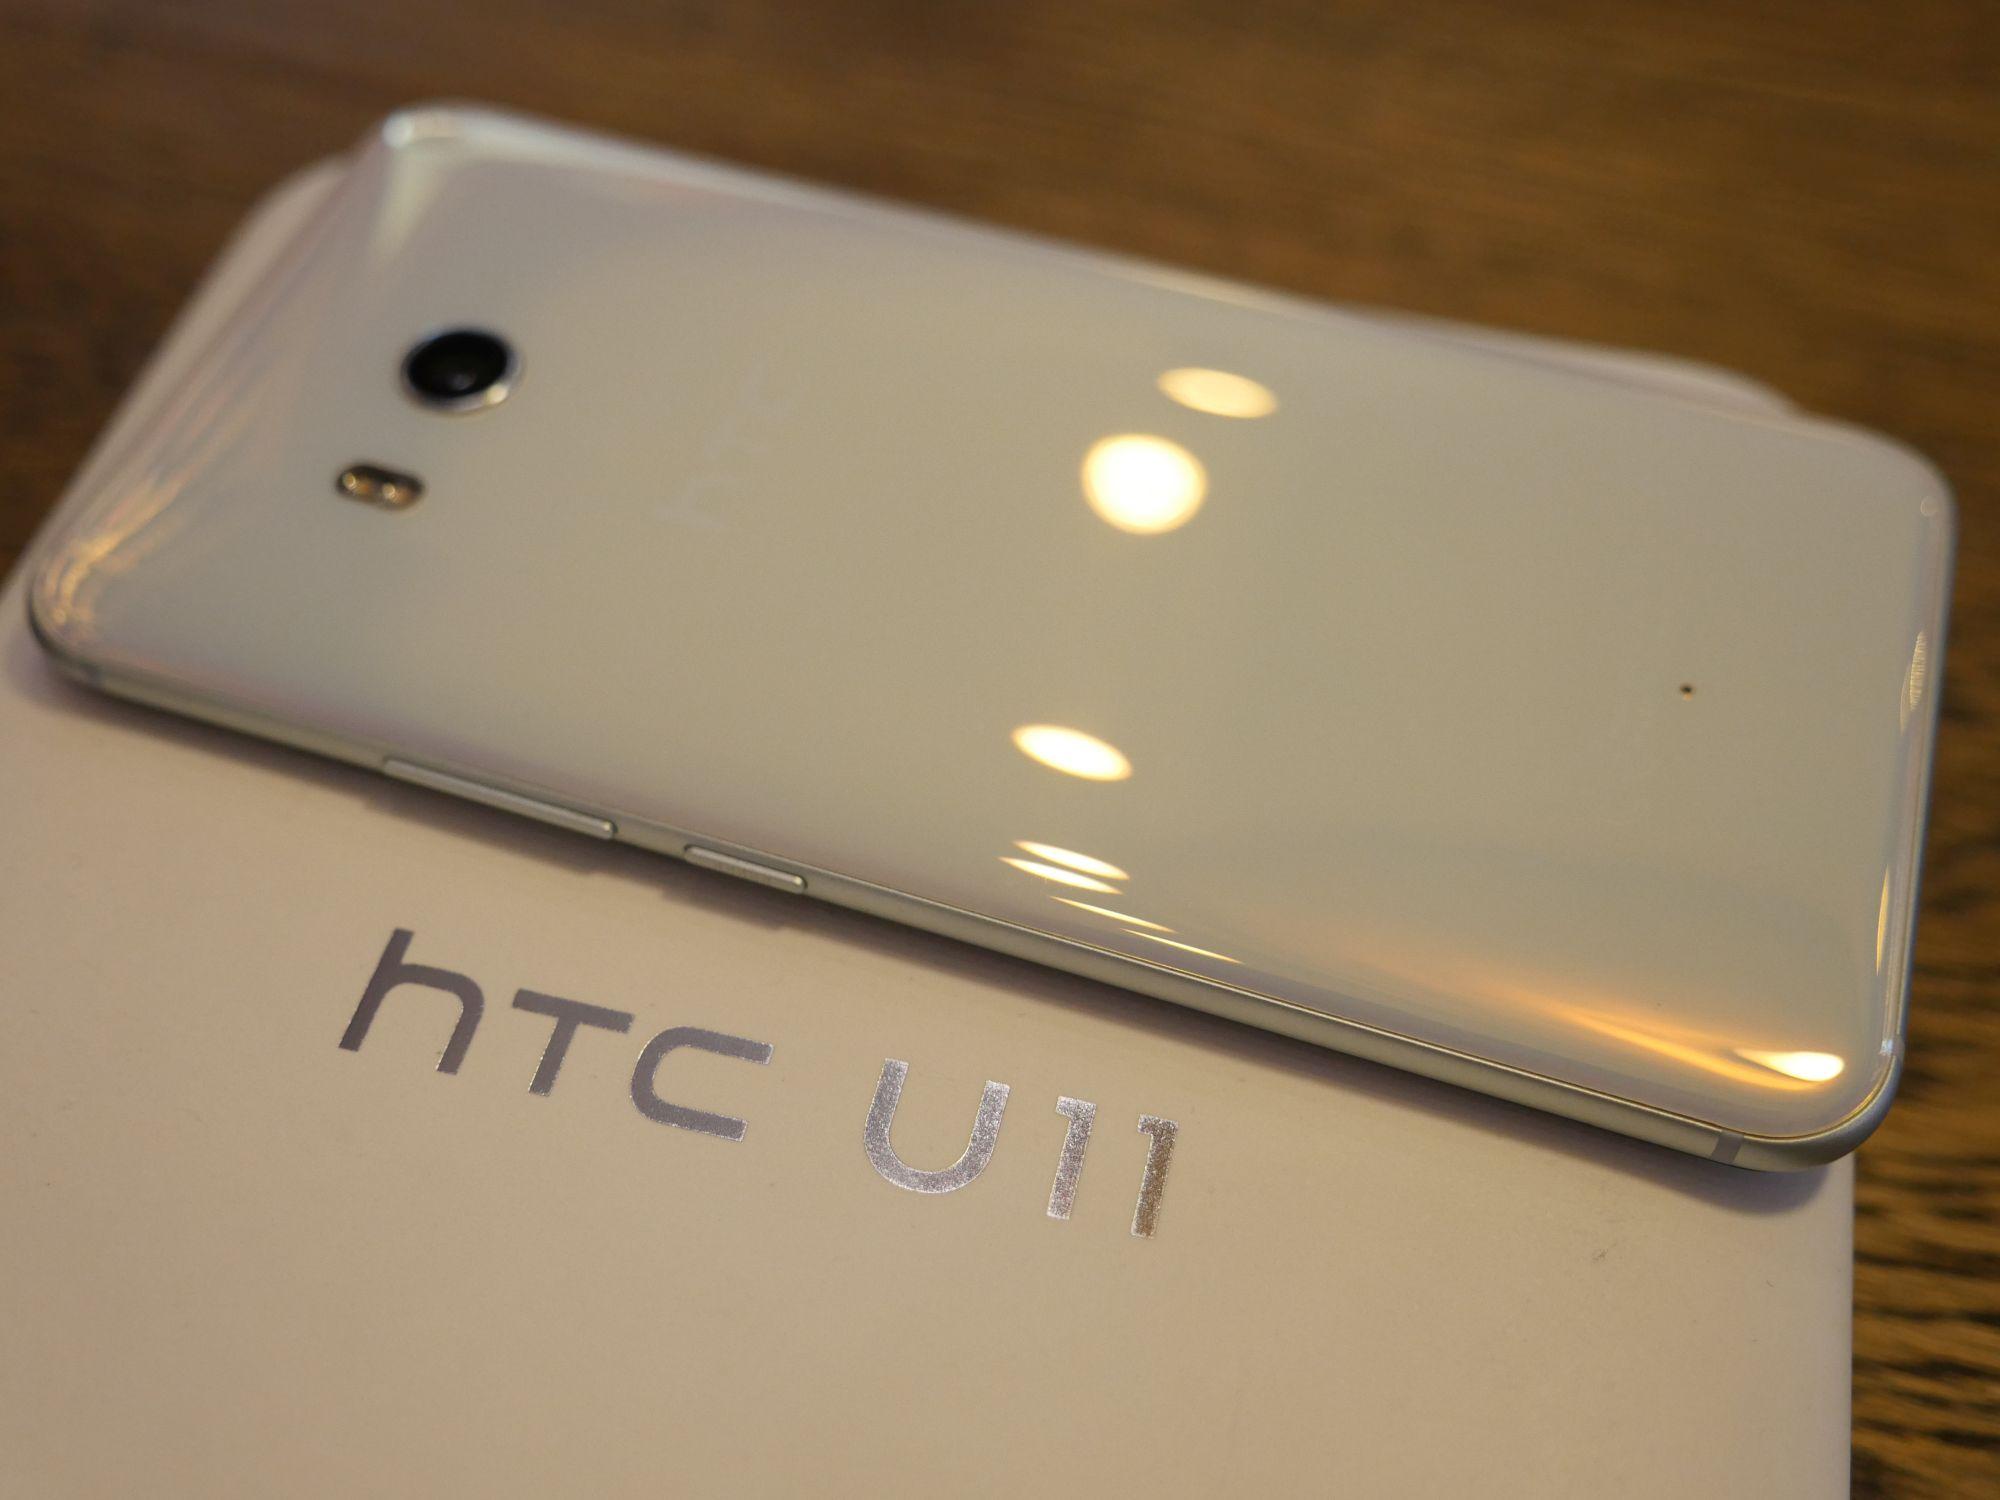 Tabletowo.pl Teraz HTC U11 kupisz na oficjalnej stronie HTC jeszcze taniej. To najlepsza oferta na rynku Android HTC Promocje Smartfony